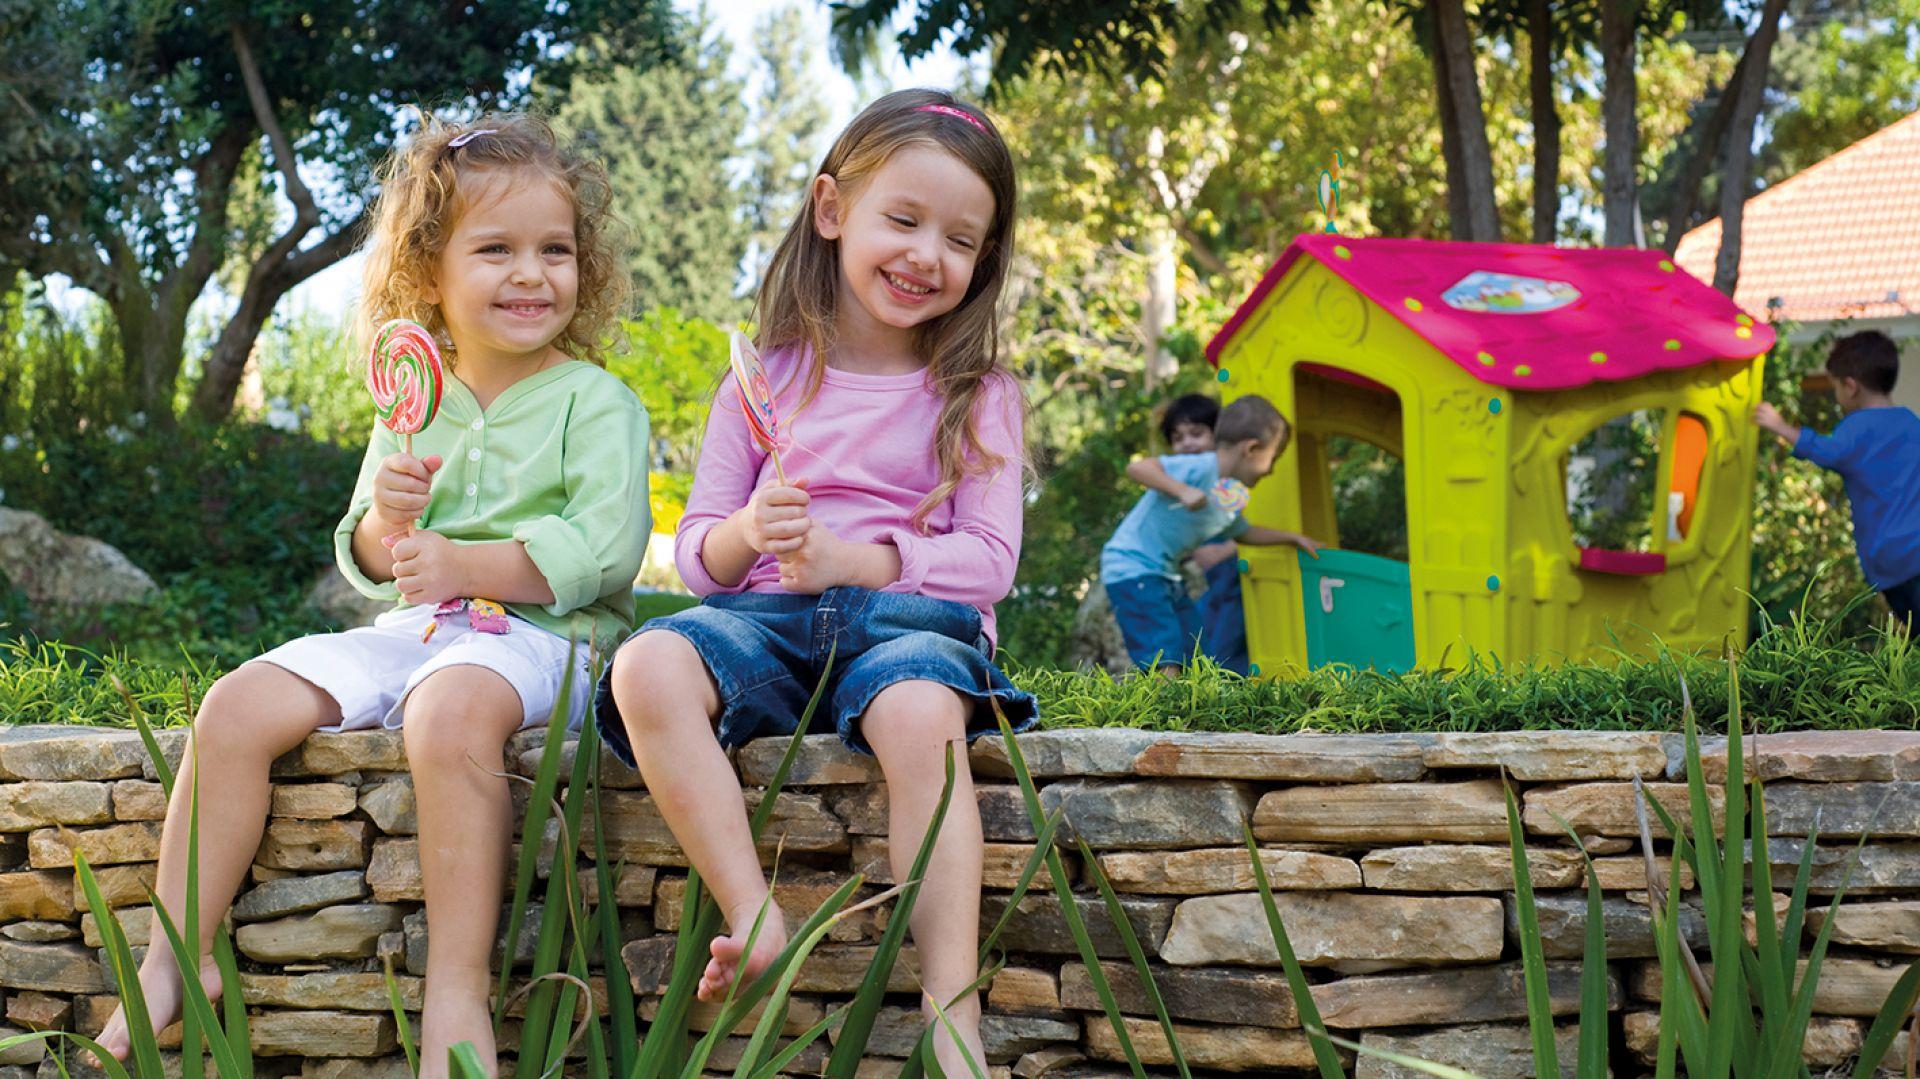 Kącik zabaw dla dzieci w ogrodzie: Magic Play House. Fot. Keter